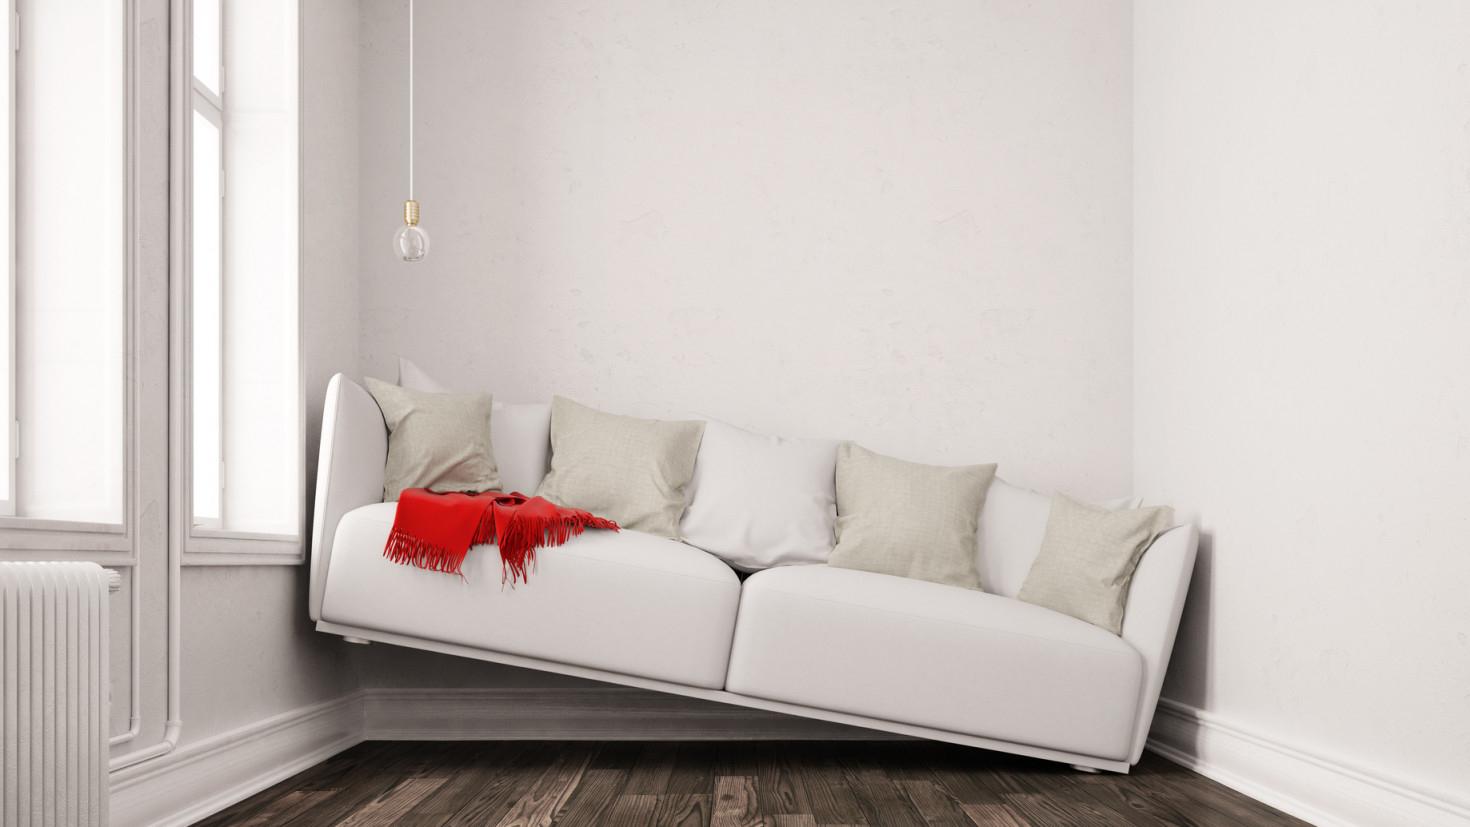 Kleines Wohnzimmer Einrichten  10 Ultimative Ideen von Kleines Wohnzimmer Optimal Einrichten Photo